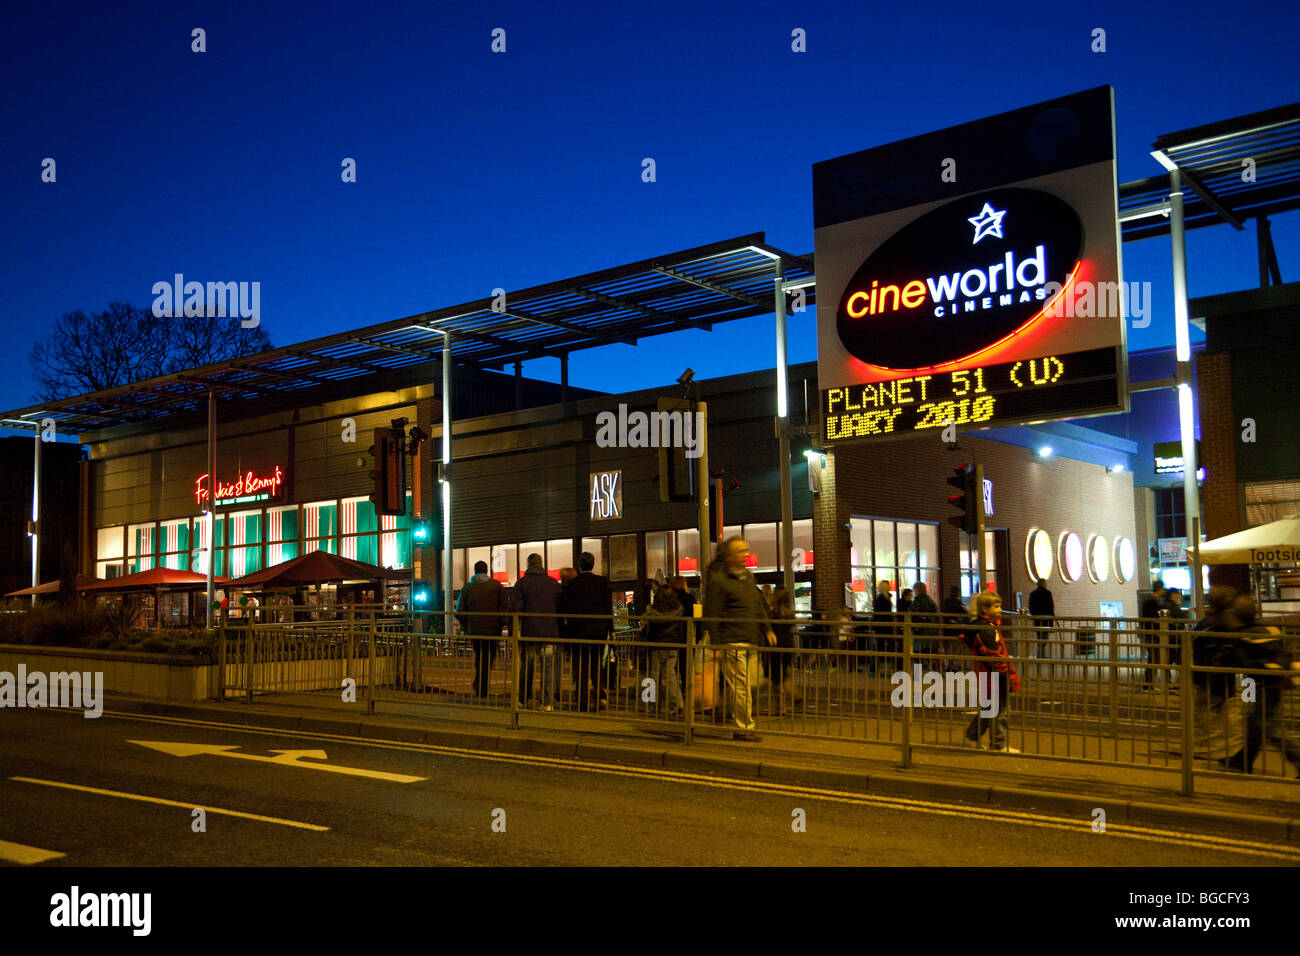 CineWorld cinema at Bury St Edmunds, Suffolk, UK - Stock Image